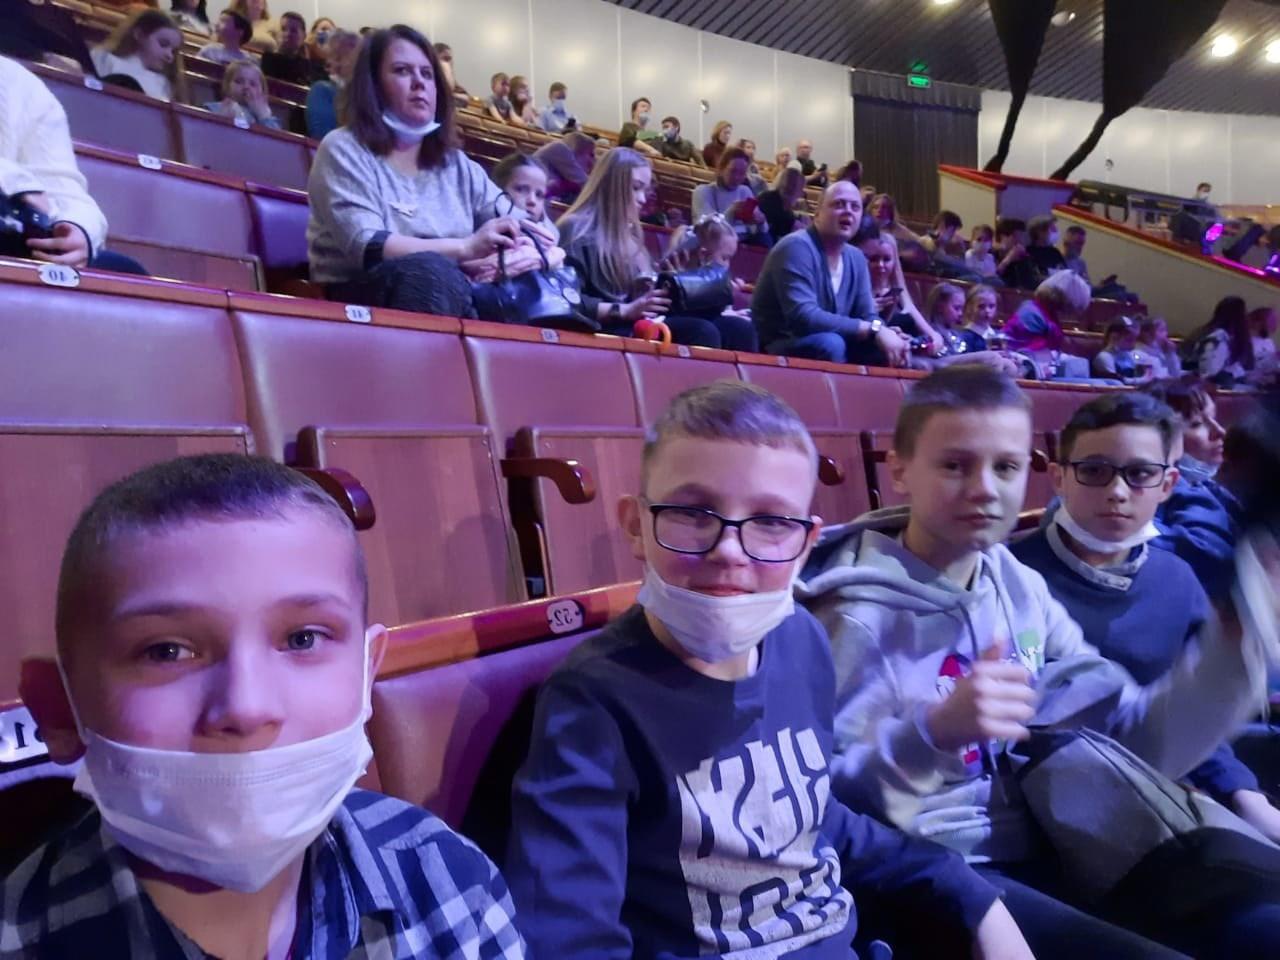 Воспитанники и педагоги воскресной школы посетили московский цирк.